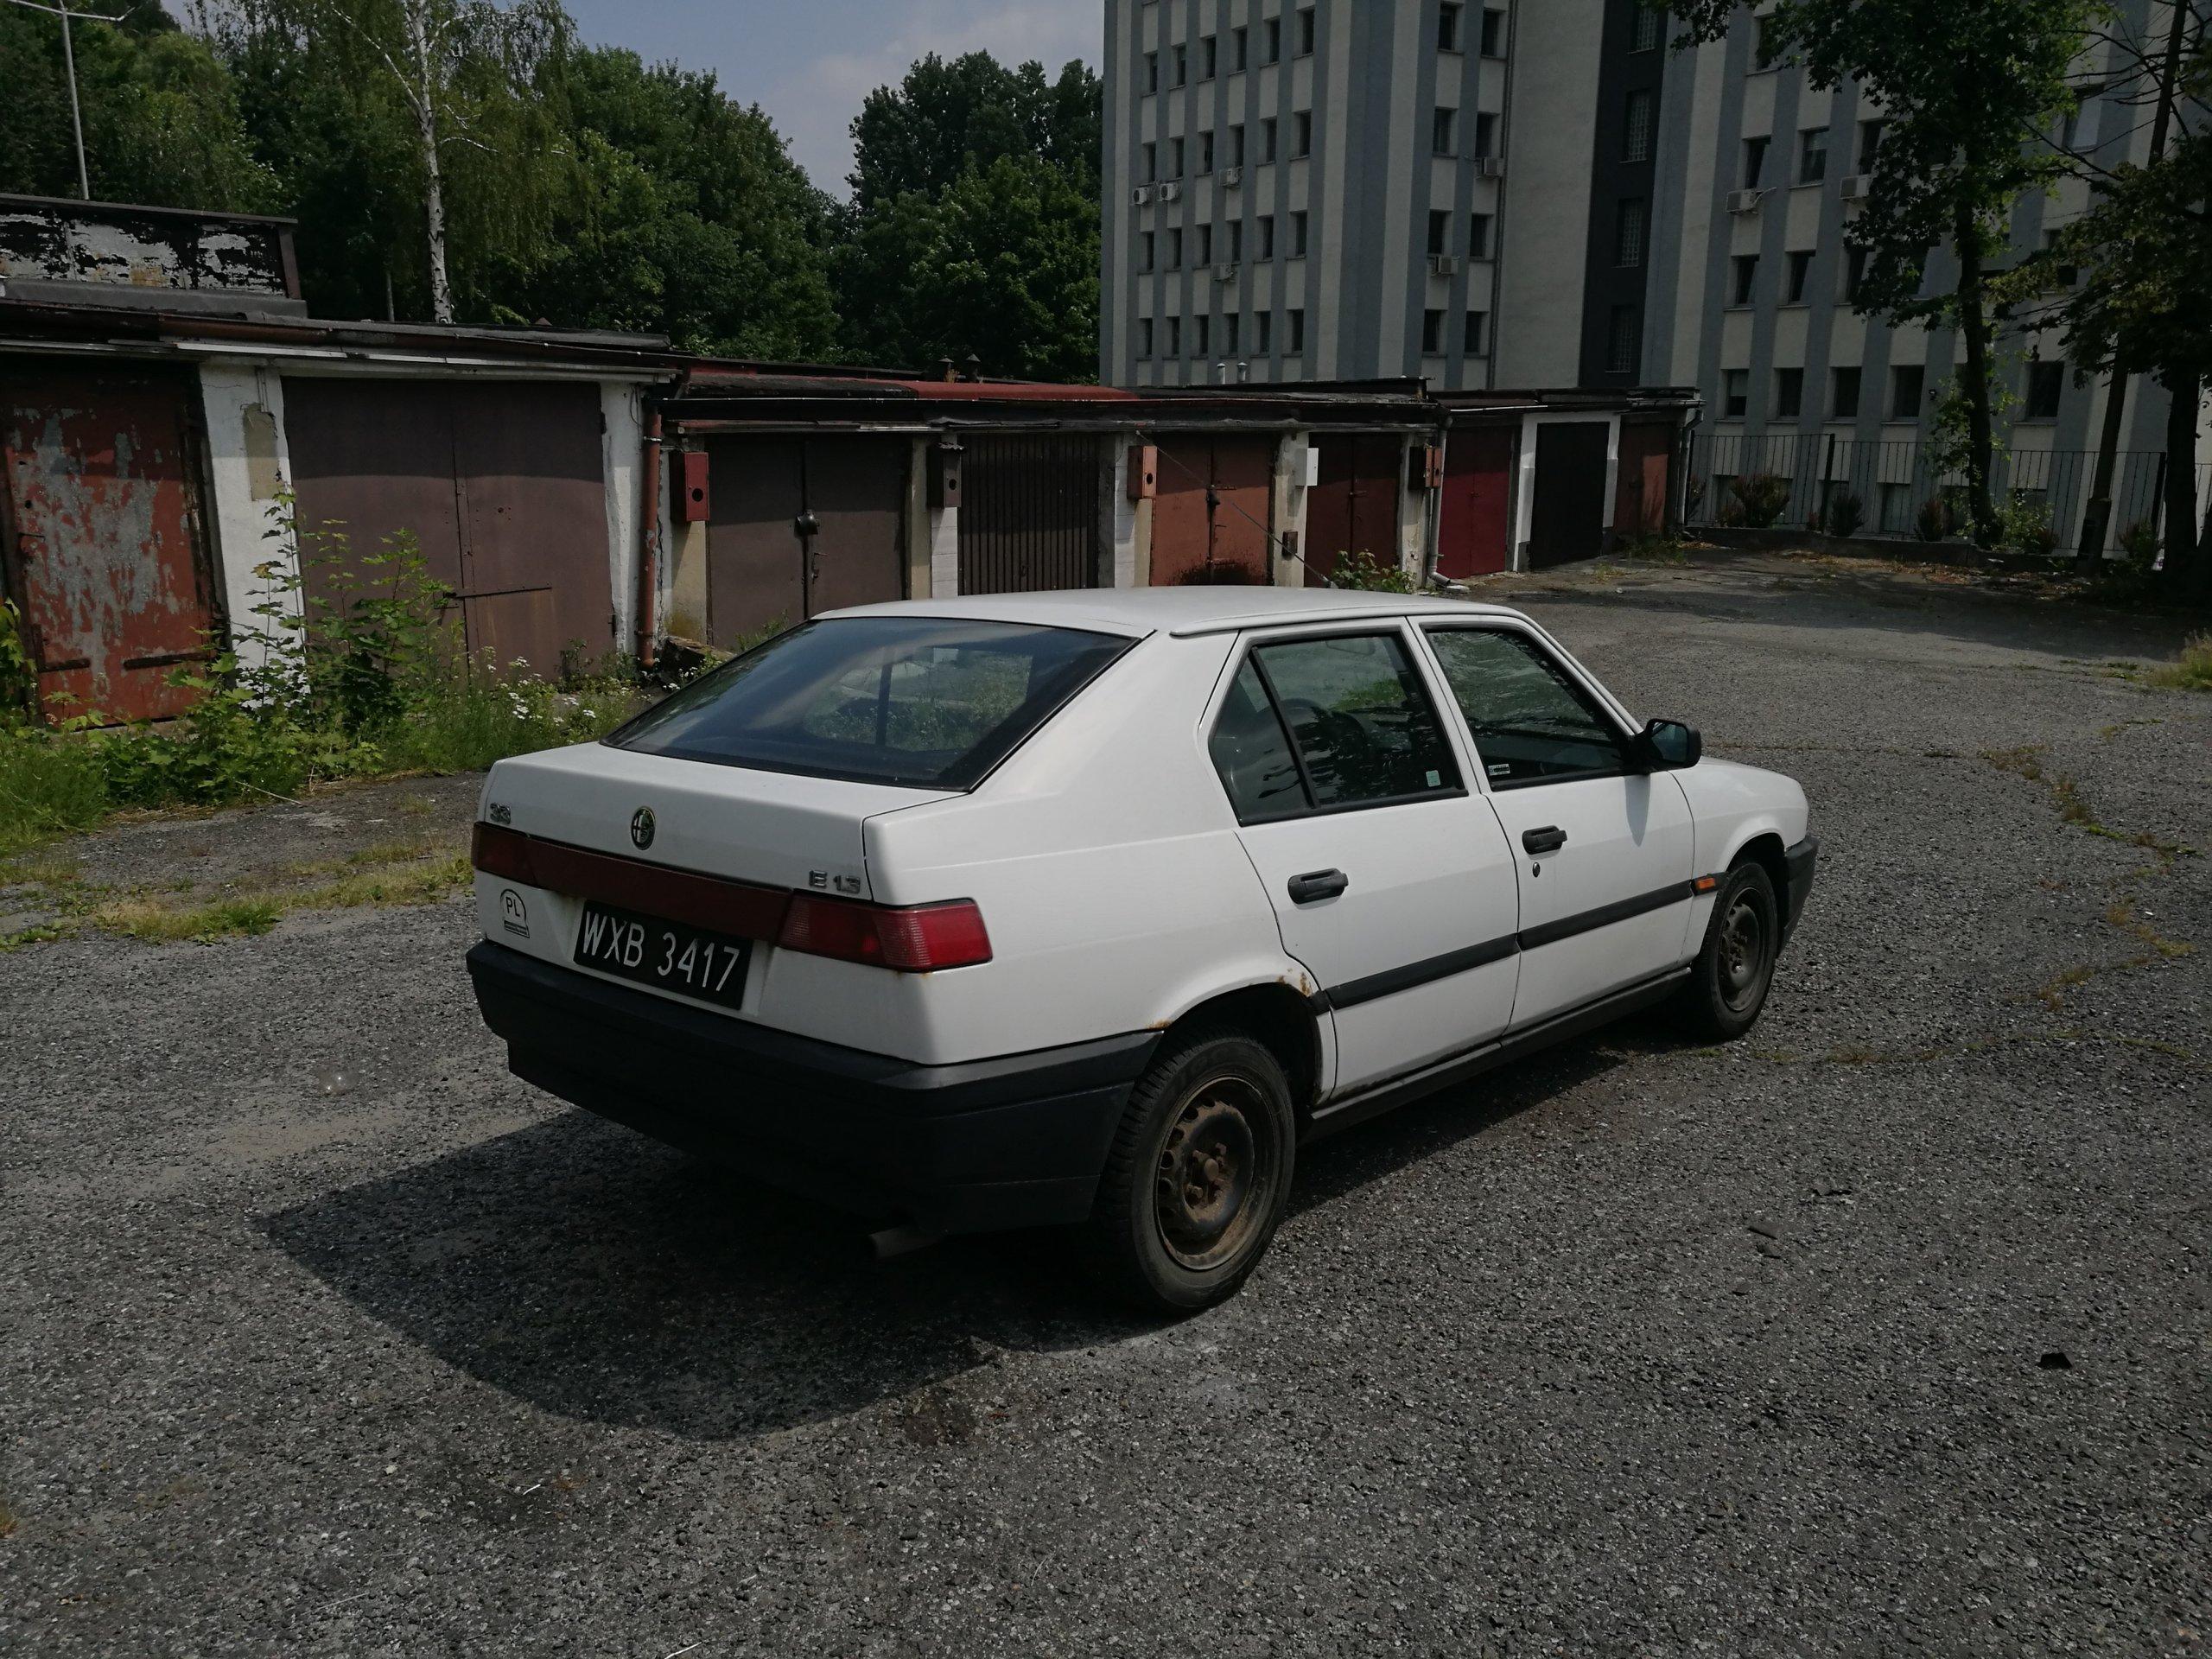 Alfa Romeo 33 1994 boxer od I go właściciela